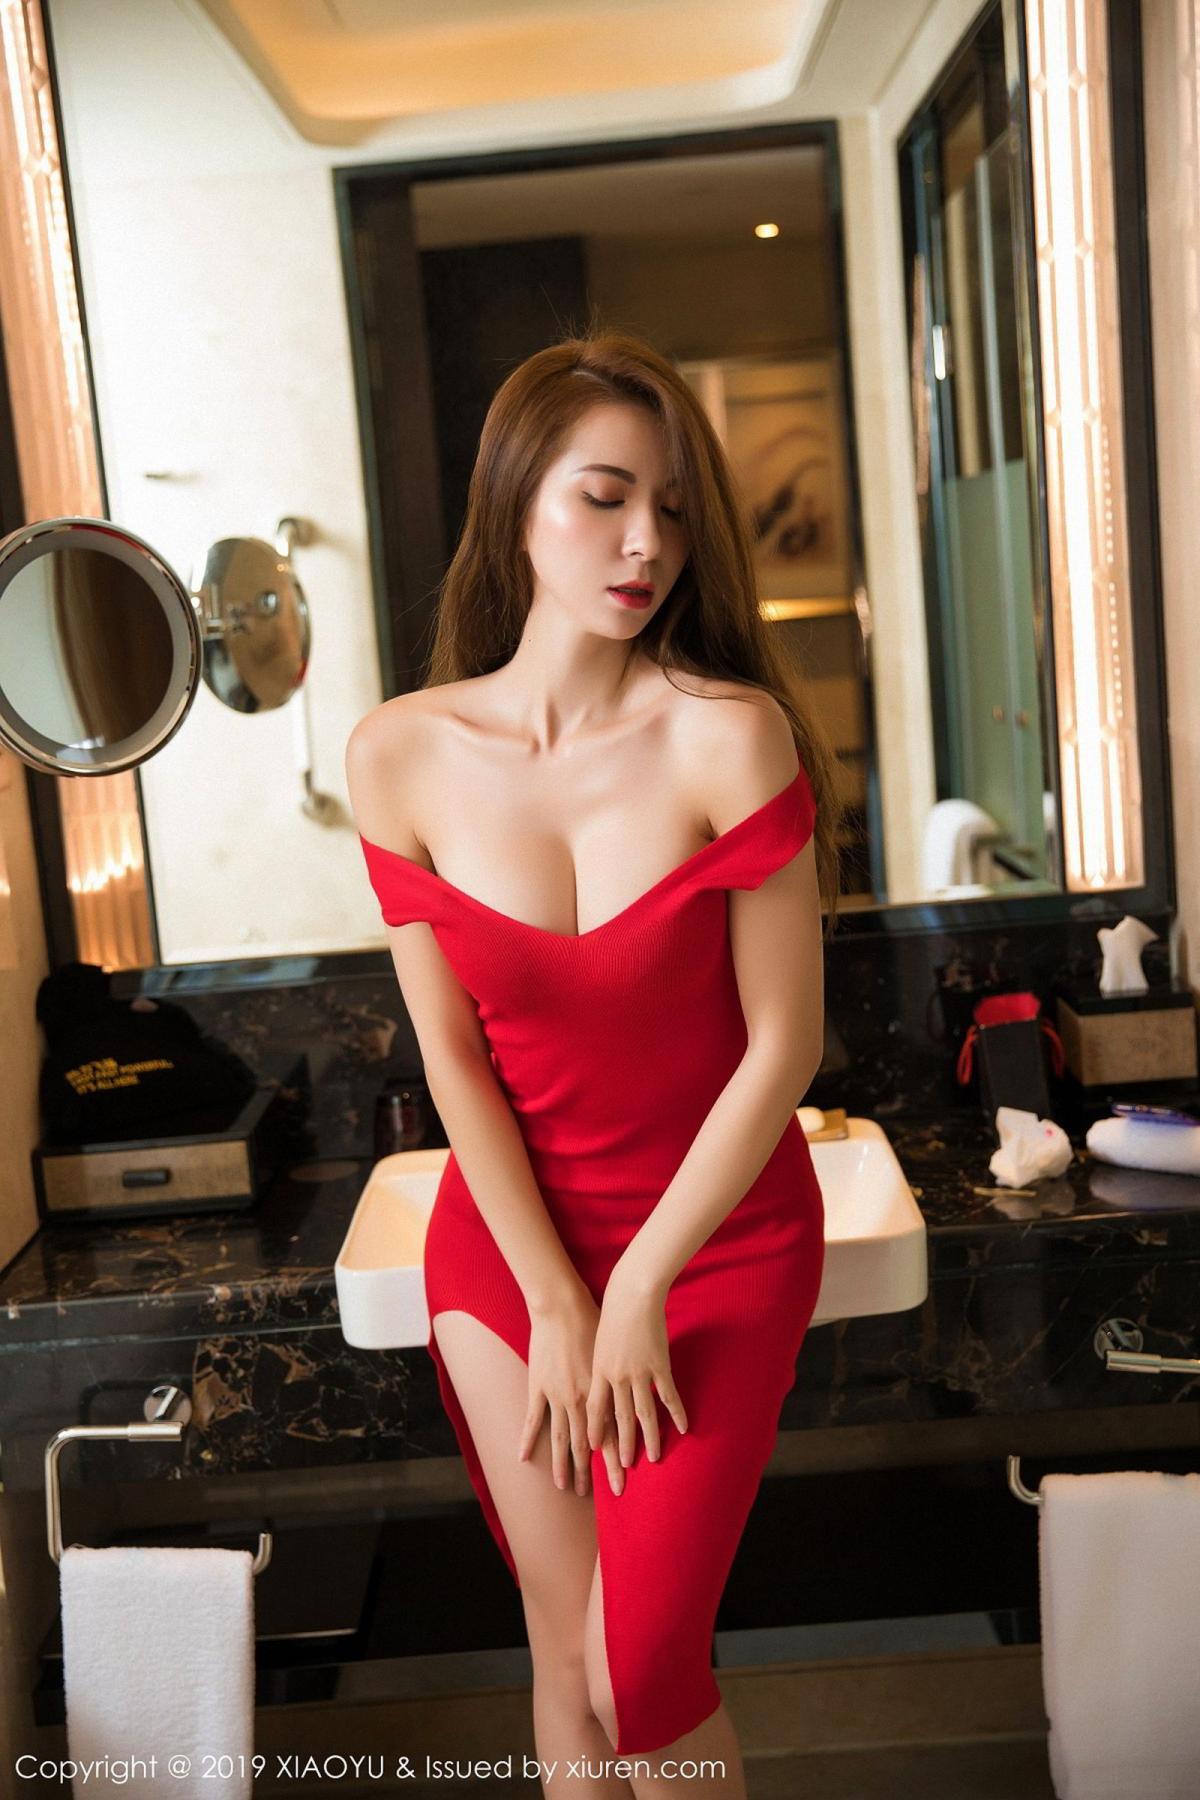 [XiaoYu] Vol.033 Chen Liang Ling 2P, Chen Liang Ling, Tall, Underwear, XiaoYu